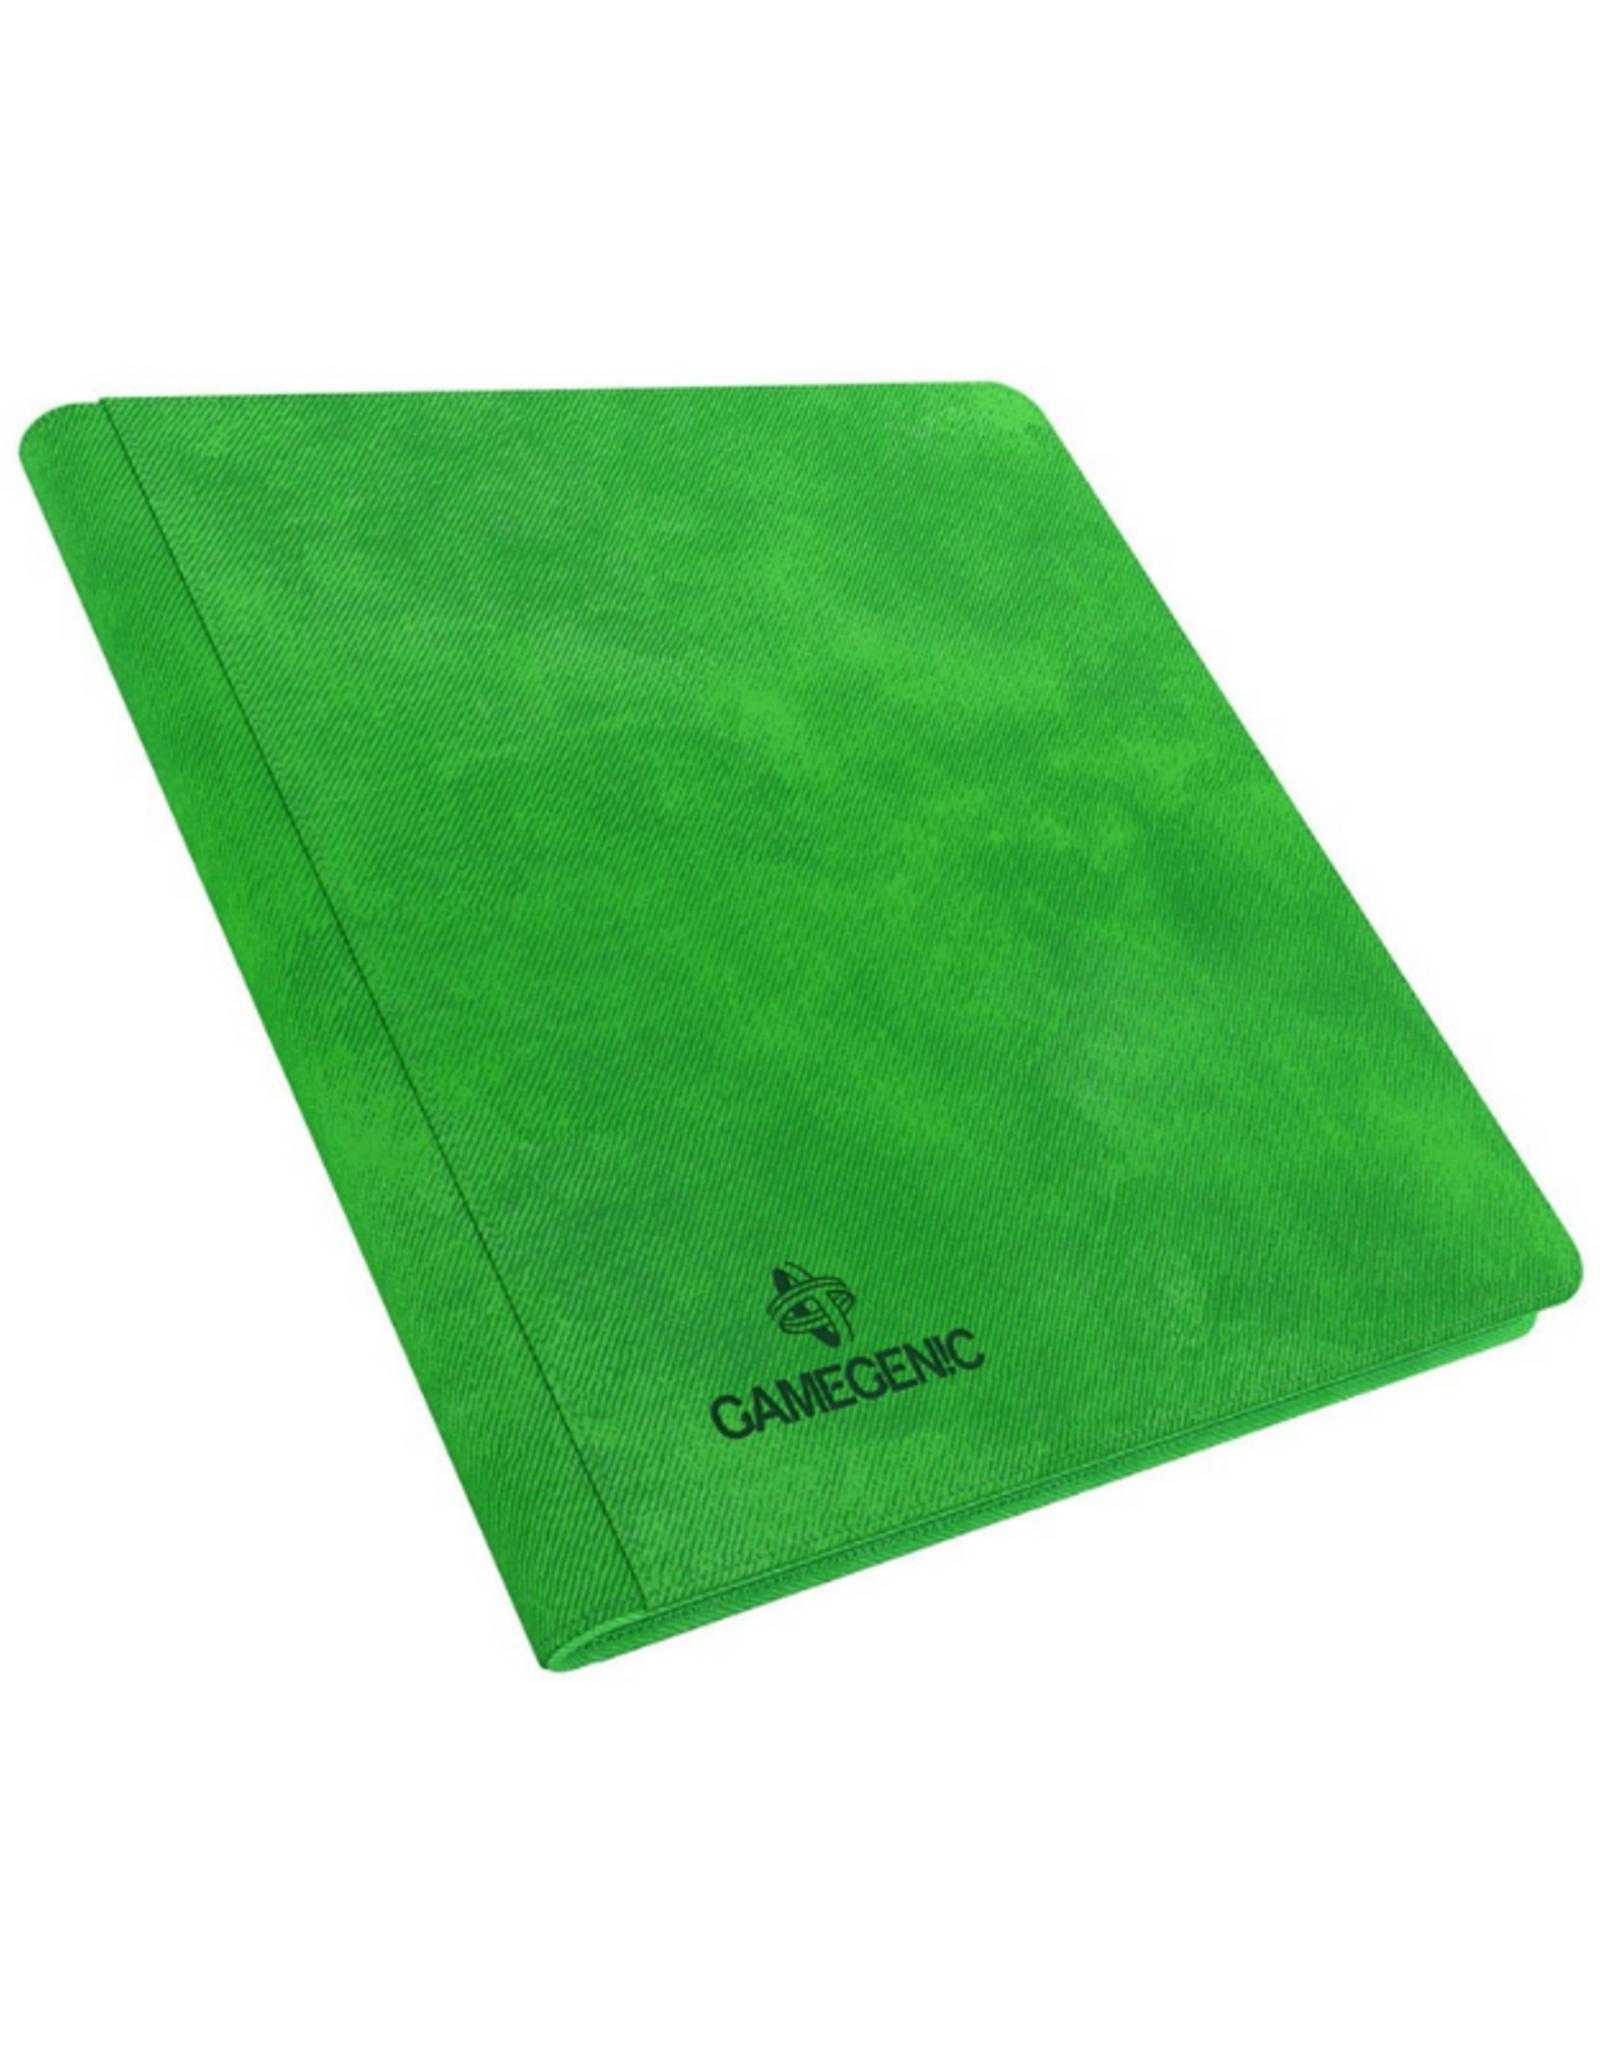 Gamegenic Zip-Up Album 24-Pocket (Green)